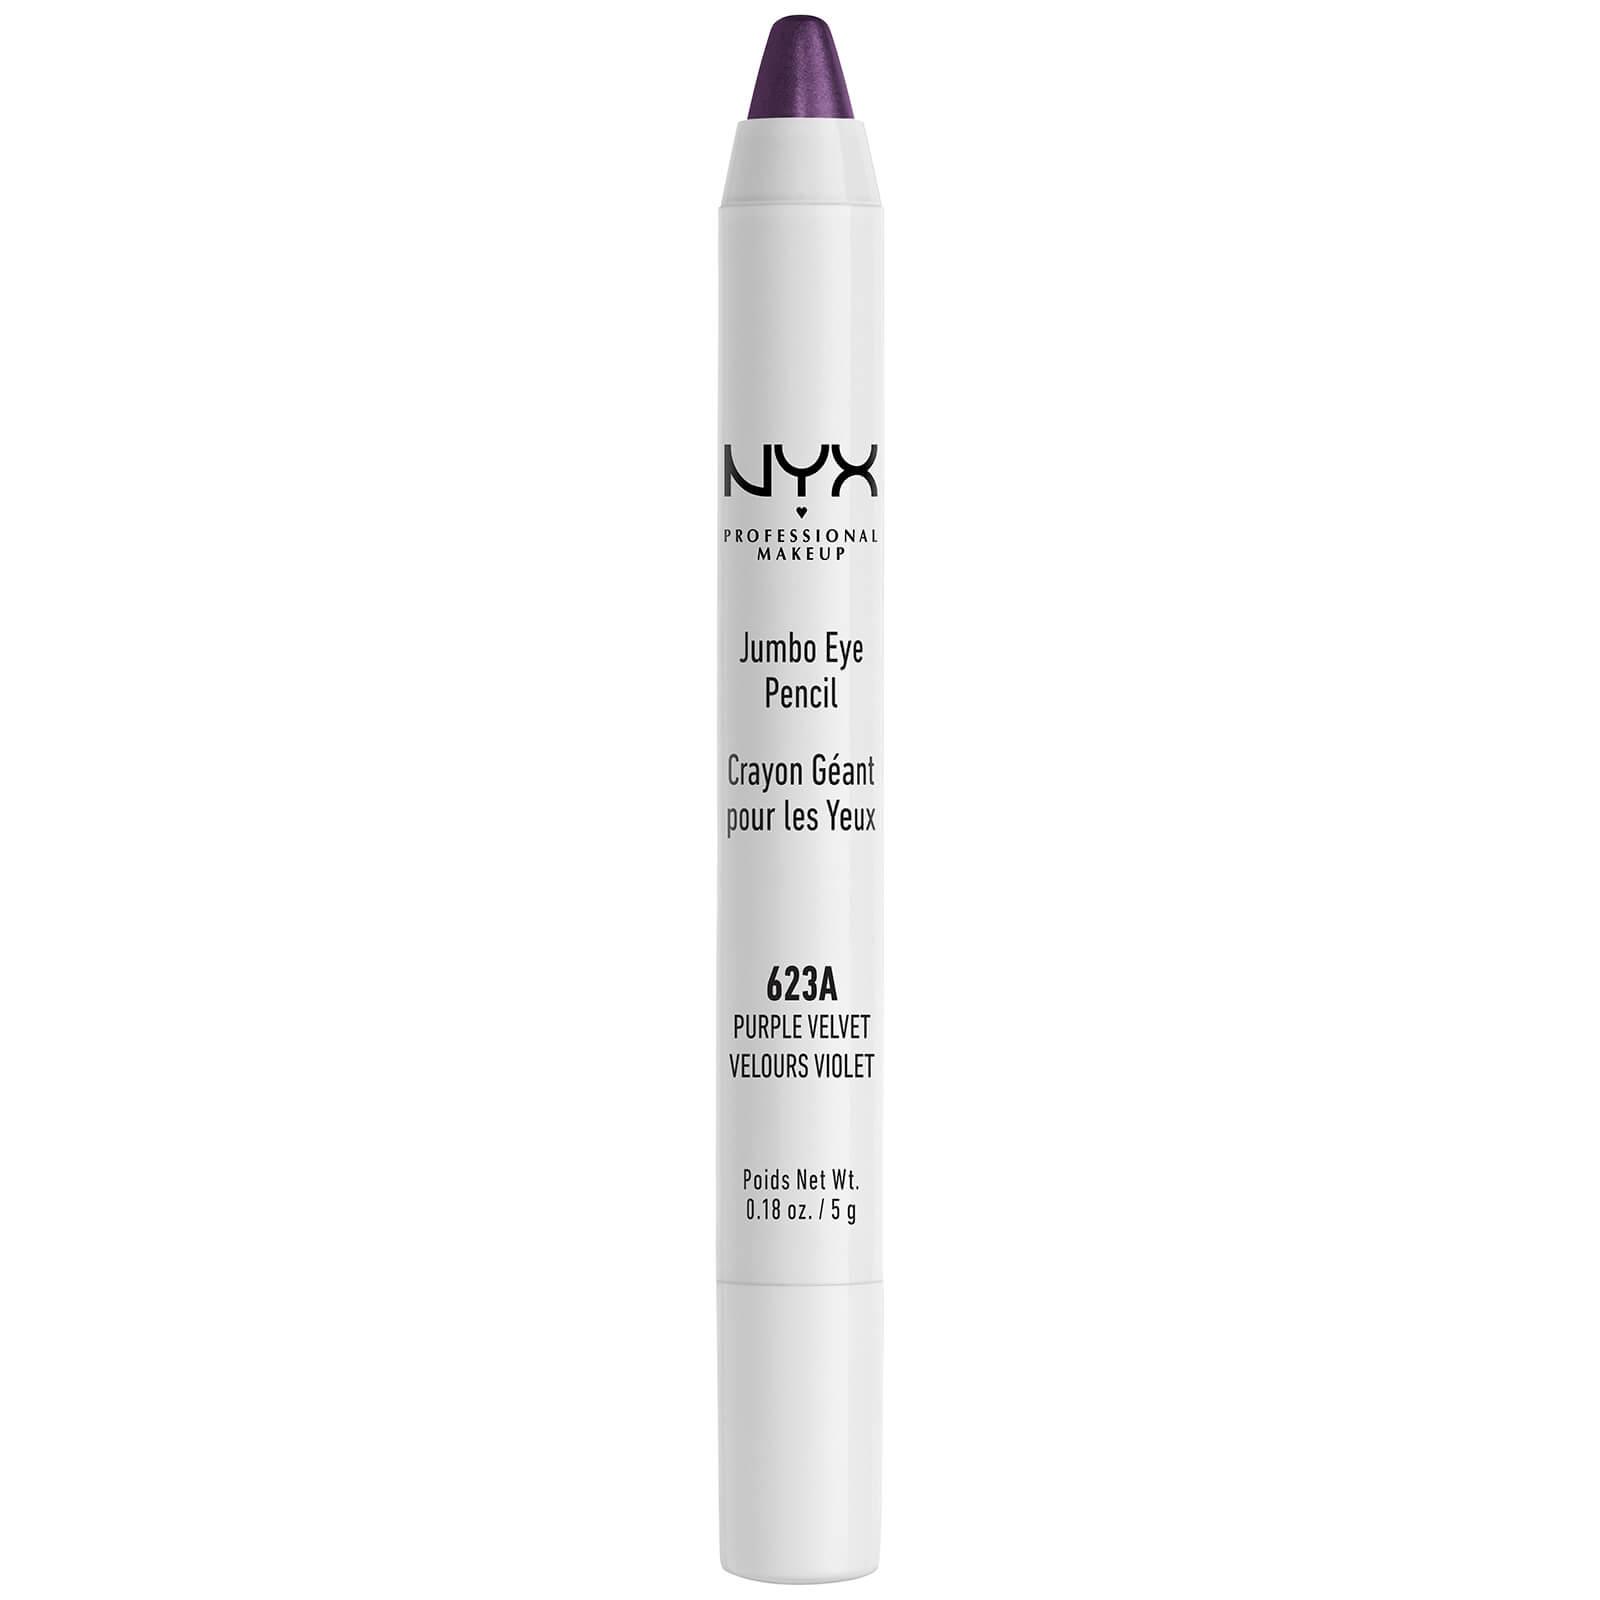 Купить Карандаш для глаз NYX Professional Makeup Jumbo Eye Pencil (различные оттенки) - Purple Velvet